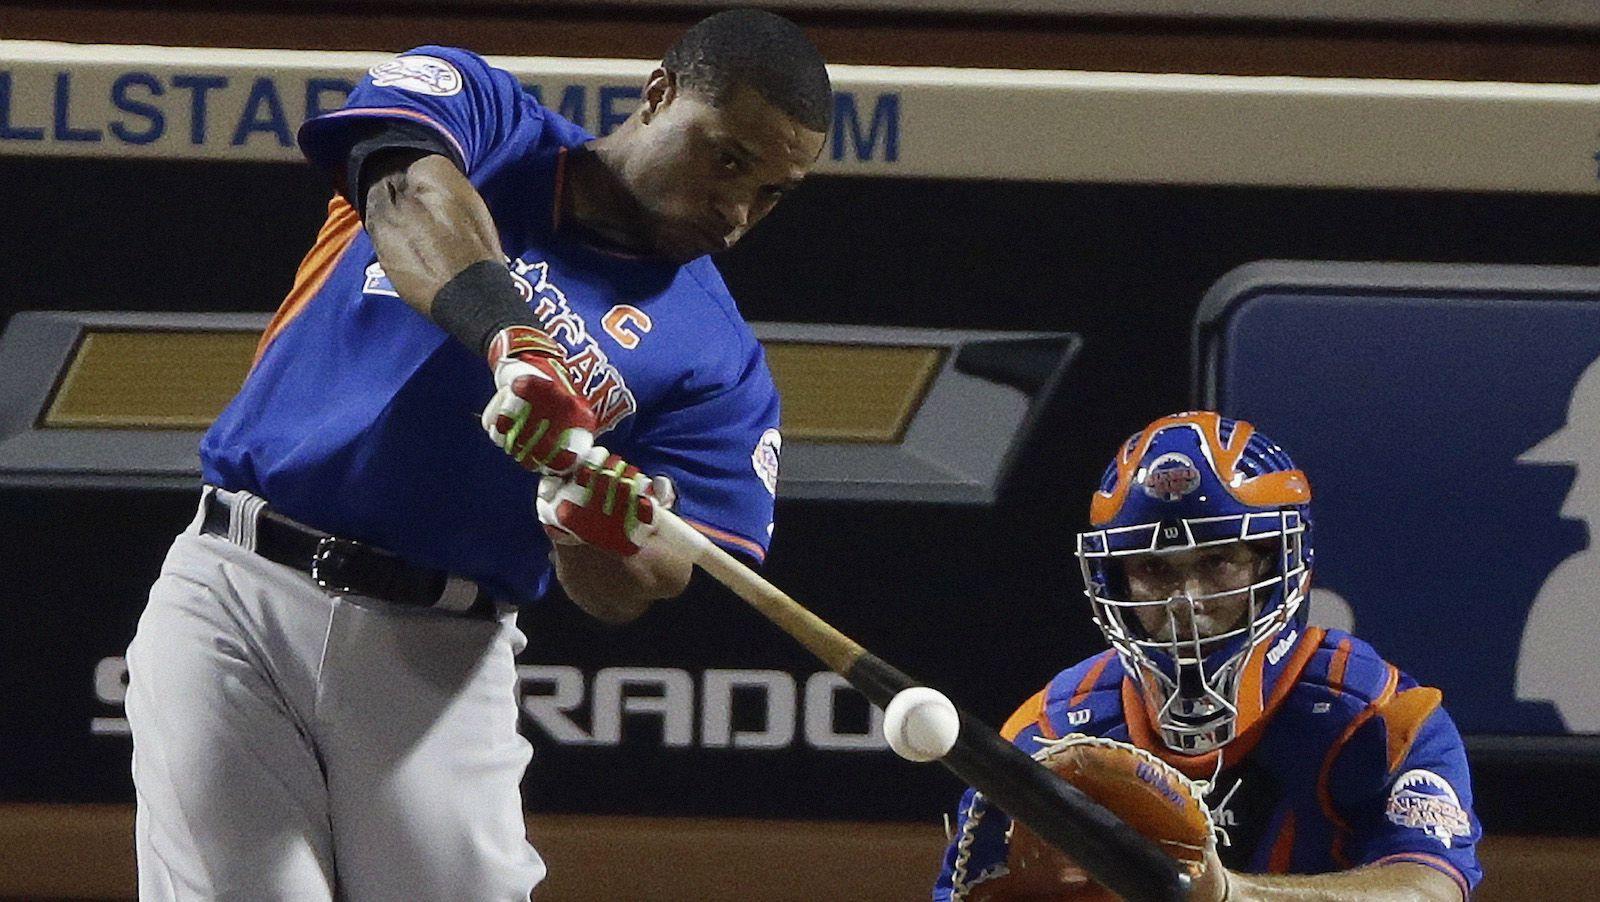 Major league baseball steroid rules golden dragon detox